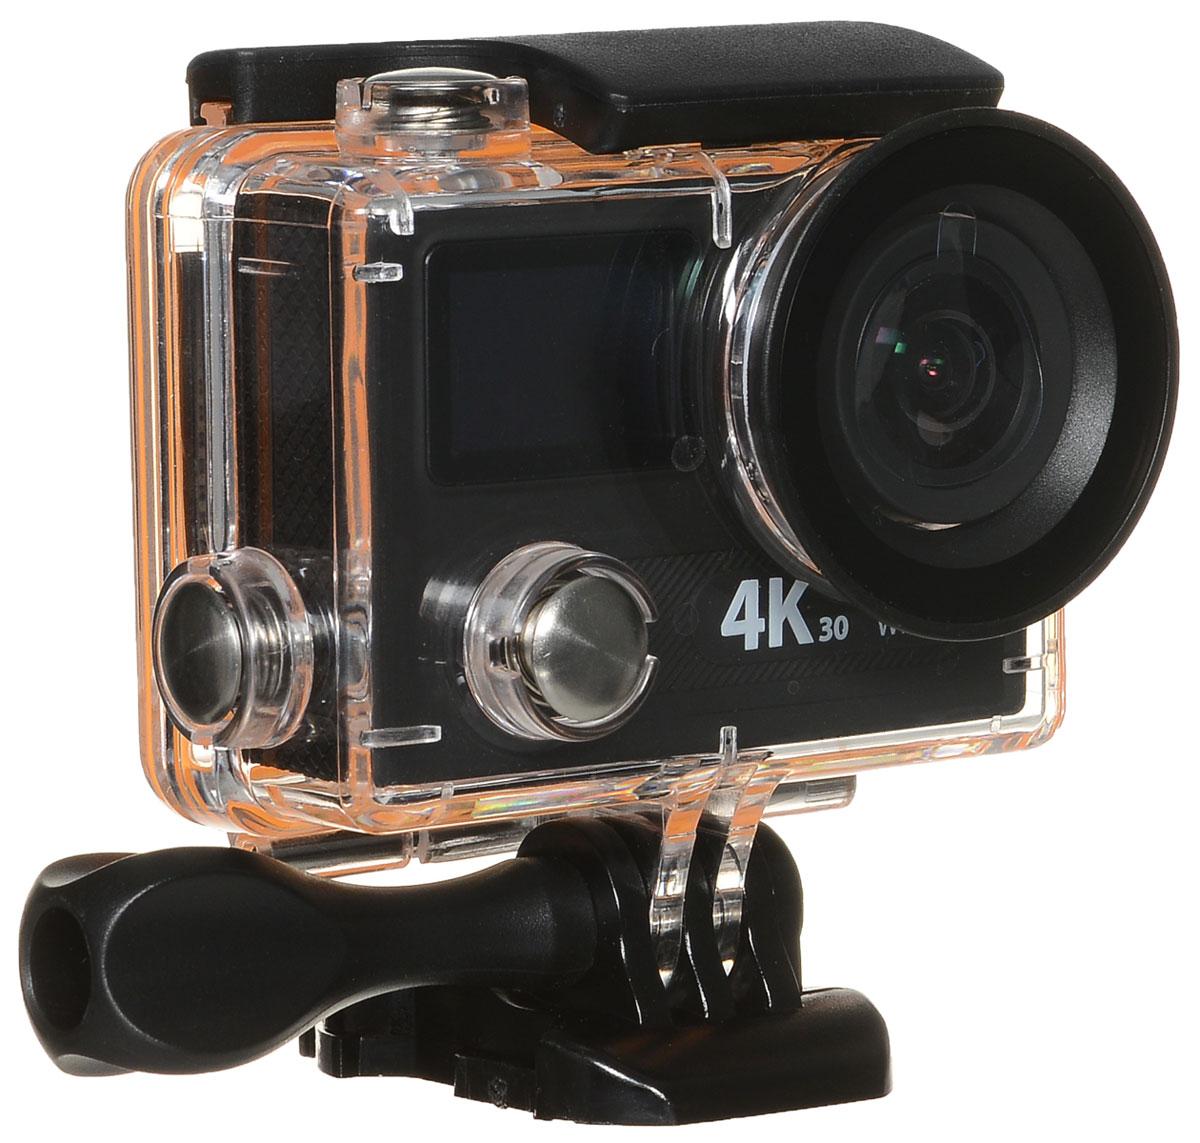 Eken H8R Ultra HD, Black экшн-камераH8RЭкшн-камера Eken H8R Ultra HD позволяет записывать видео с разрешением 4К и очень плавным изображением до 30 кадров в секунду. Камера имеет два дисплея: 2 TFT LCD основной экран и 0.95 OLED экран статуса (уровень заряда батареи, подключение к WiFi, режим съемки и длительность записи). Эта модель сделана для любителей спорта на улице, подводного плавания, скейтбординга, скай-дайвинга, скалолазания, бега или охоты. Снимайте с руки, на велосипеде, в машине и где угодно. По сравнению с предыдущими версиями, в Eken H8R Ultra HD вы найдете уменьшенные размеры корпуса, увеличенный до 2-х дюймов экран, невероятную оптику и фантастическое разрешение изображения при съемке 30 кадров в секунду!Управляйте вашей H8R на своем смартфоне или планшете. Приложение Ez iCam App позволяет работать с браузером и наблюдать все то, что видит ваша камера. В комплекте с камерой идет пульт ДУ работающий на частоте 2,4 Ггц. Он позволяет начинать и заканчивать съемку удаленно.